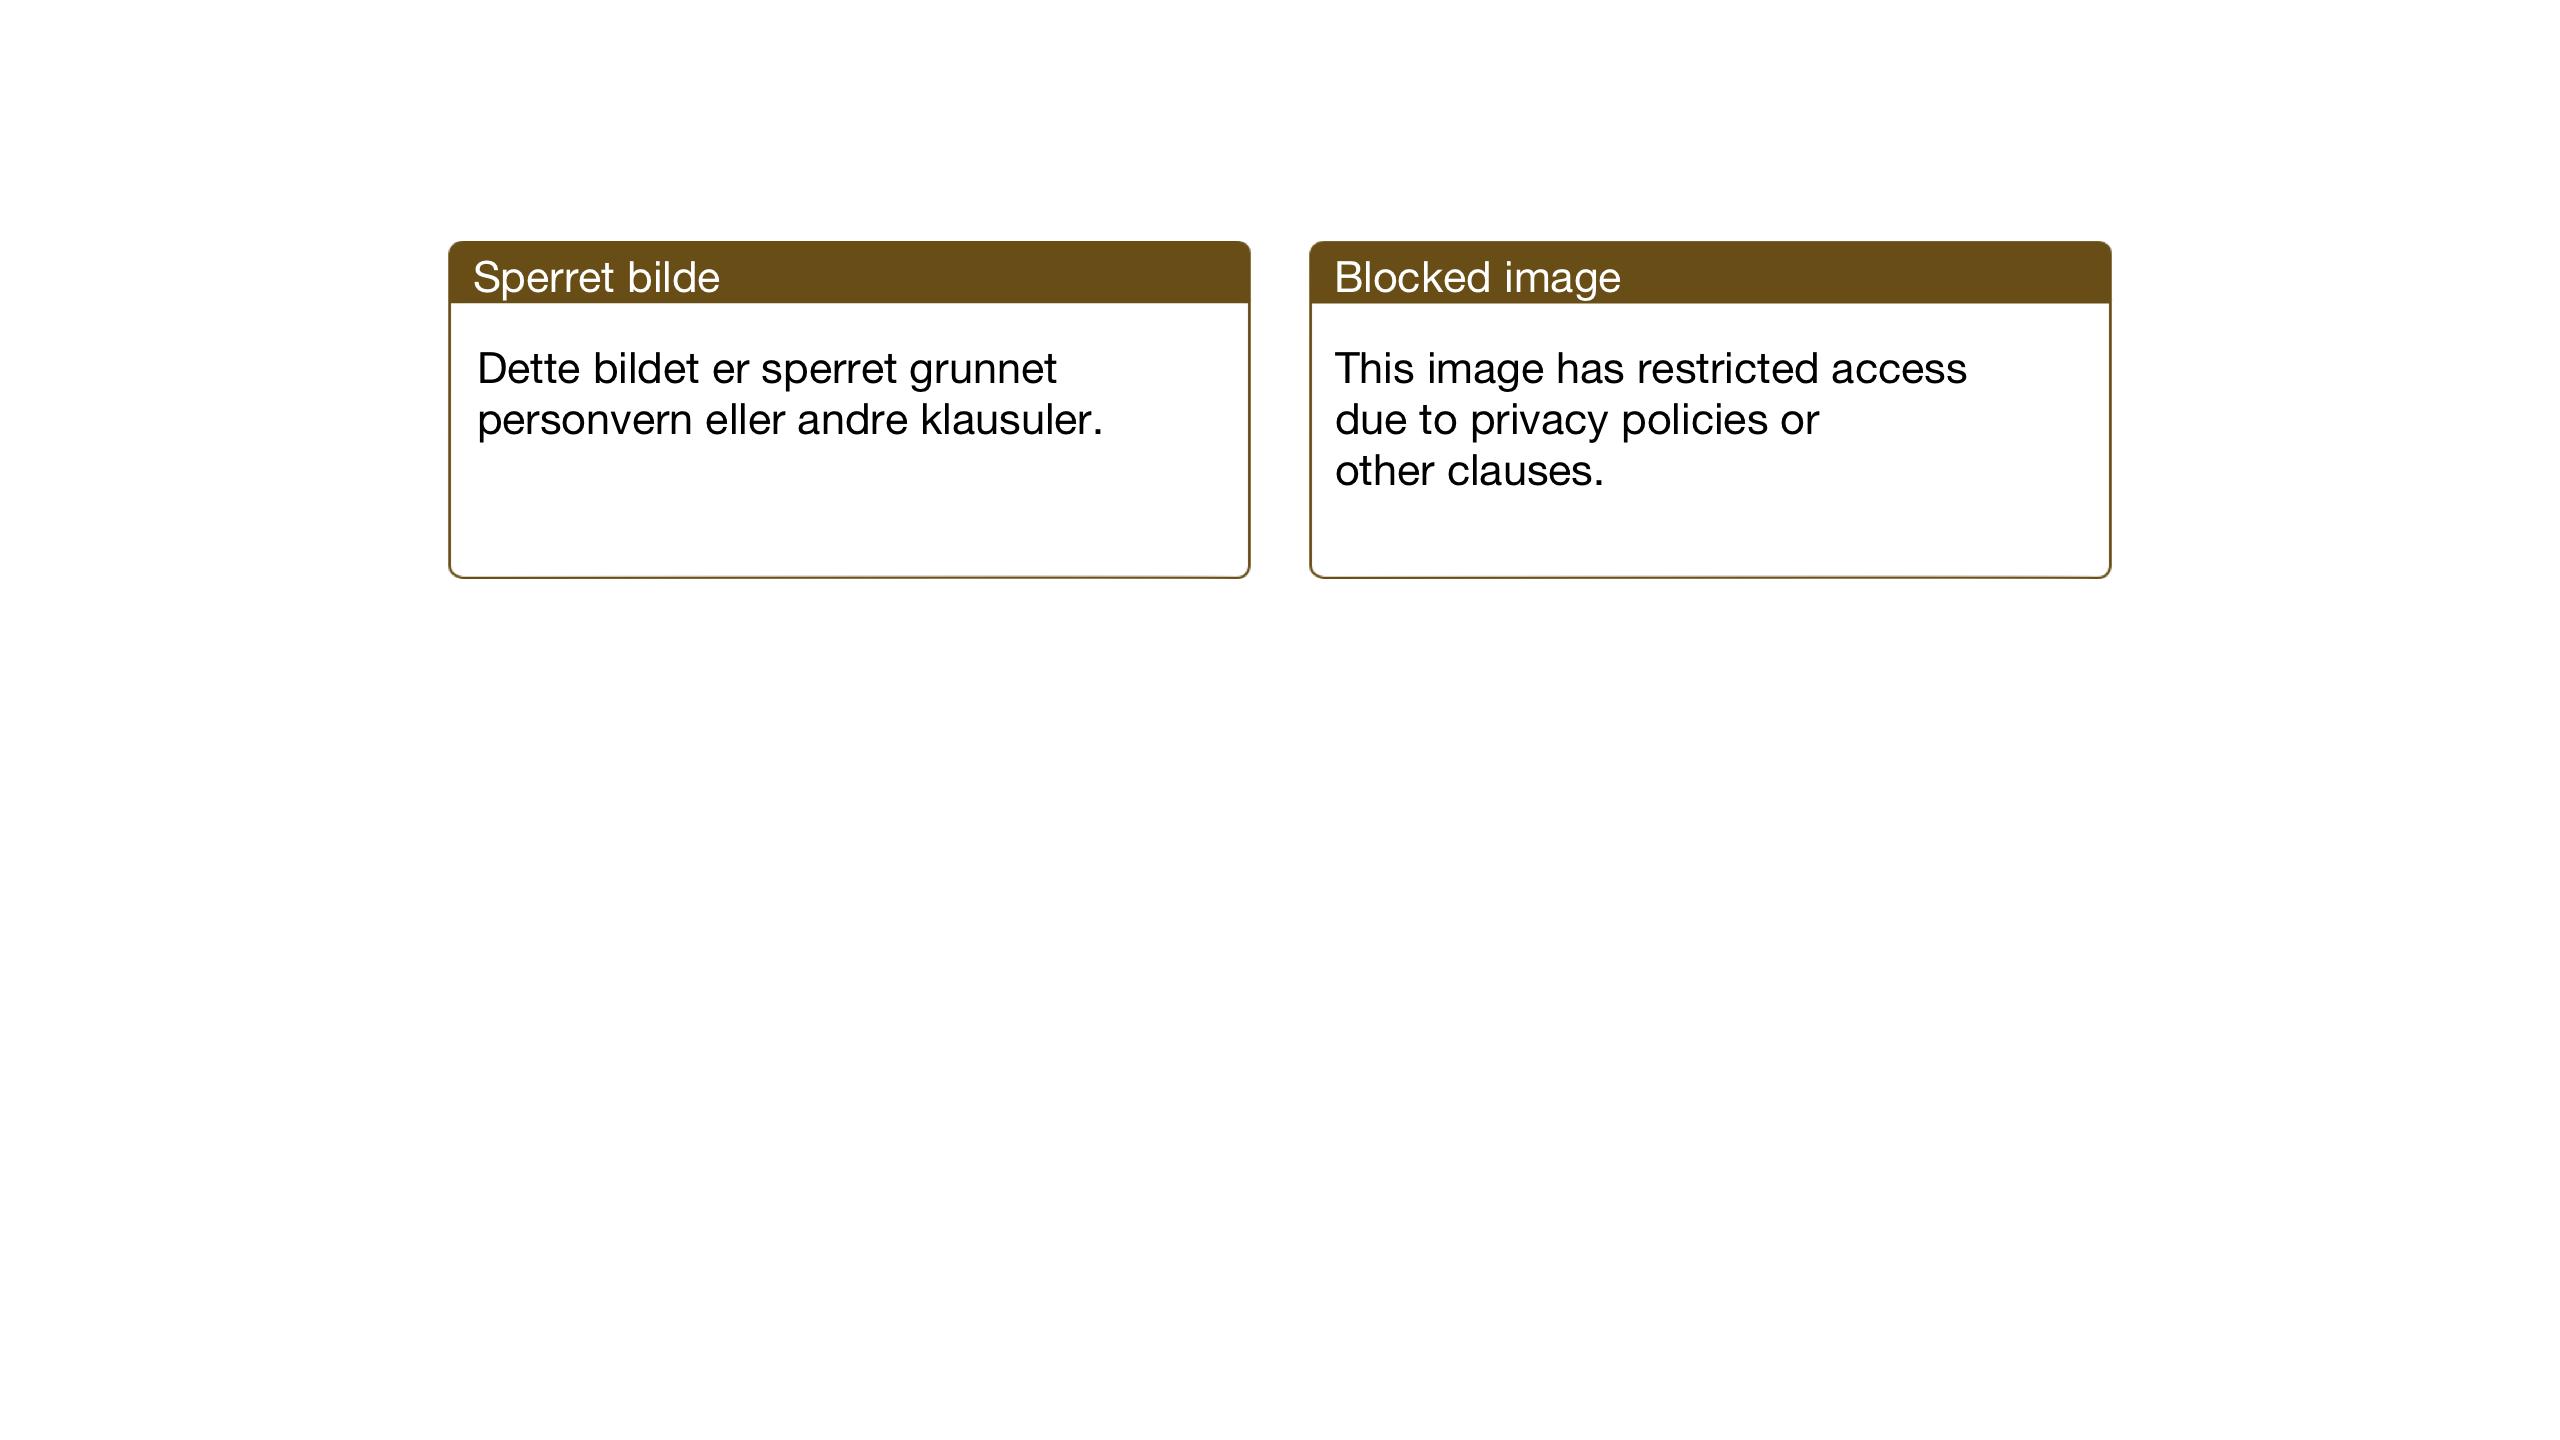 SAT, Ministerialprotokoller, klokkerbøker og fødselsregistre - Nord-Trøndelag, 742/L0413: Klokkerbok nr. 742C04, 1911-1938, s. 149